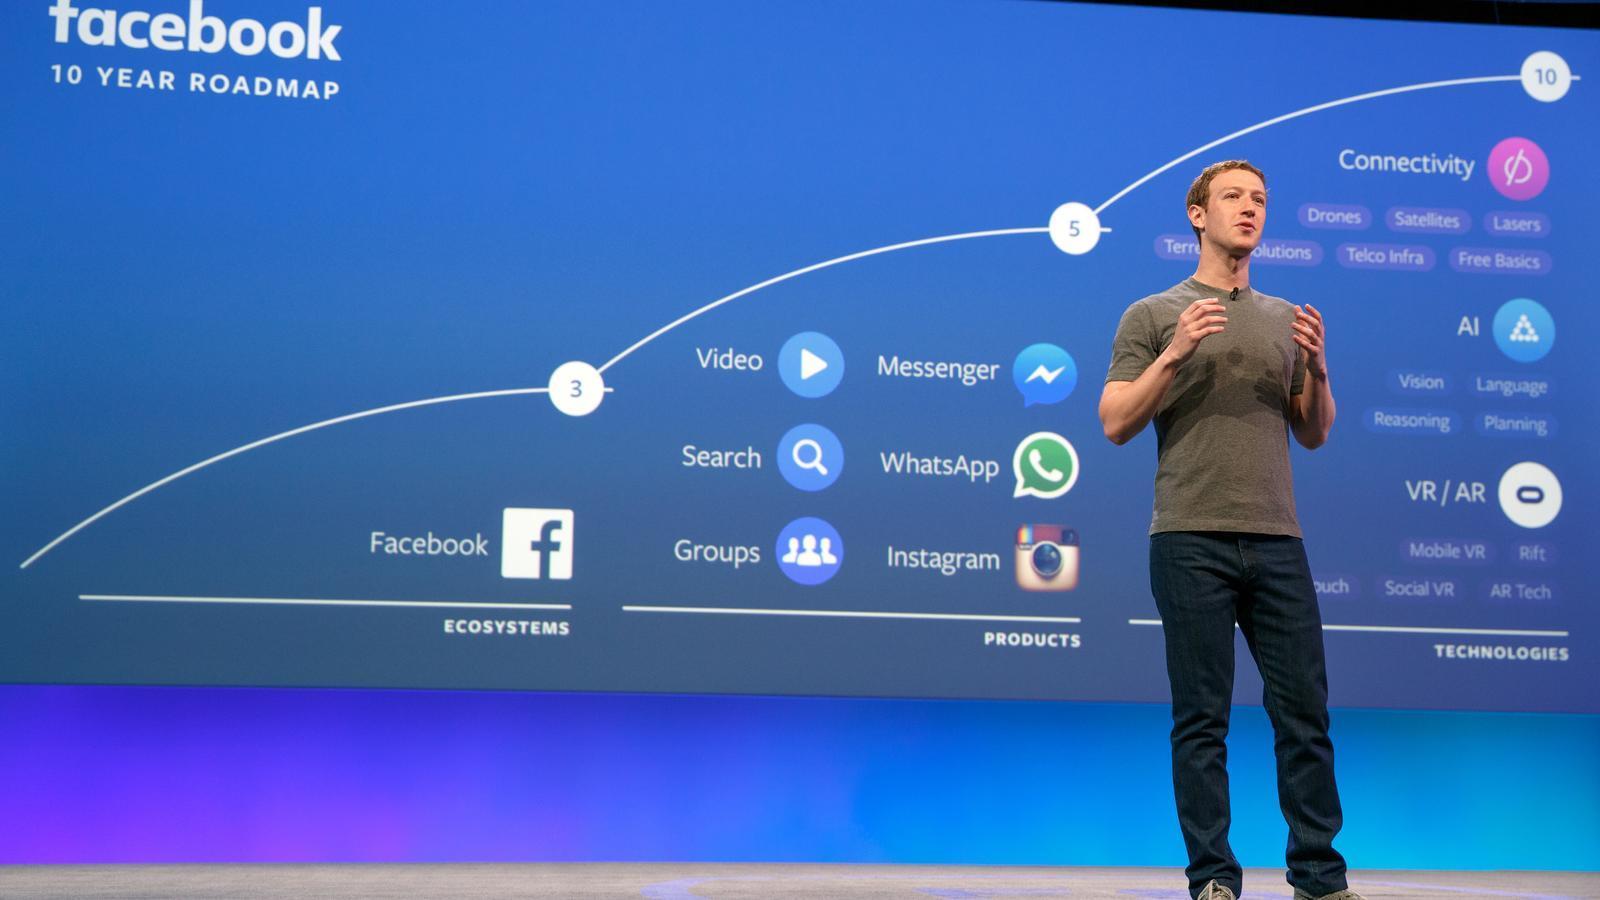 El fundador de Facebook, Mark Zuckerberg, presentant els plans de l'empresa. / FACEBOOK